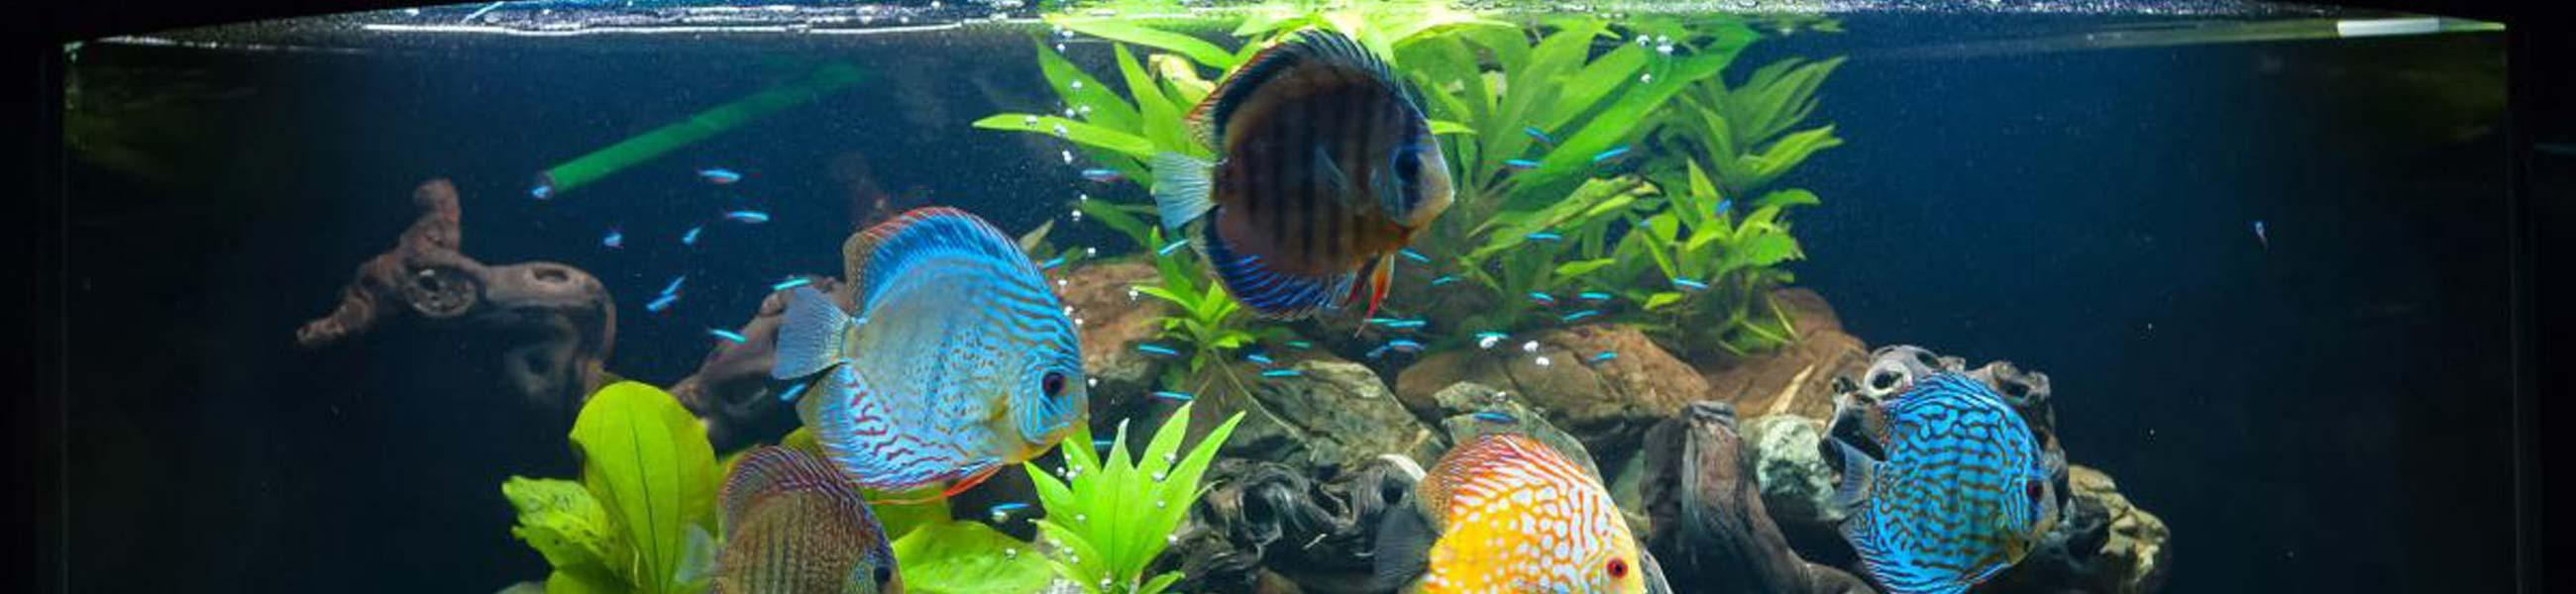 Ihr aquaristik shop f r aquarium zubeh r dehner for Aquaristik shop